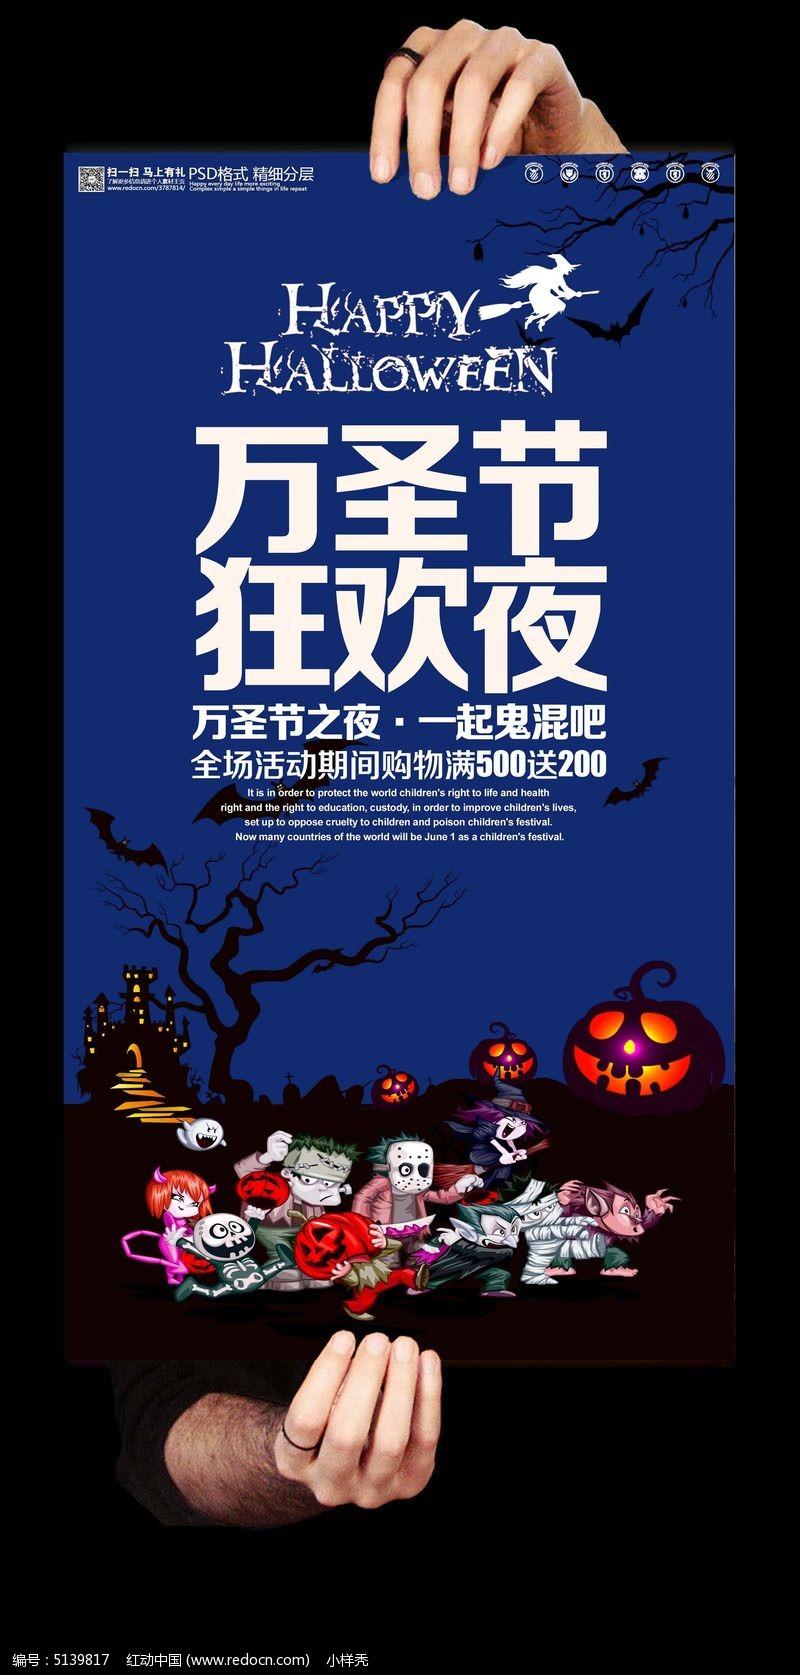 万圣节鬼节海报设计